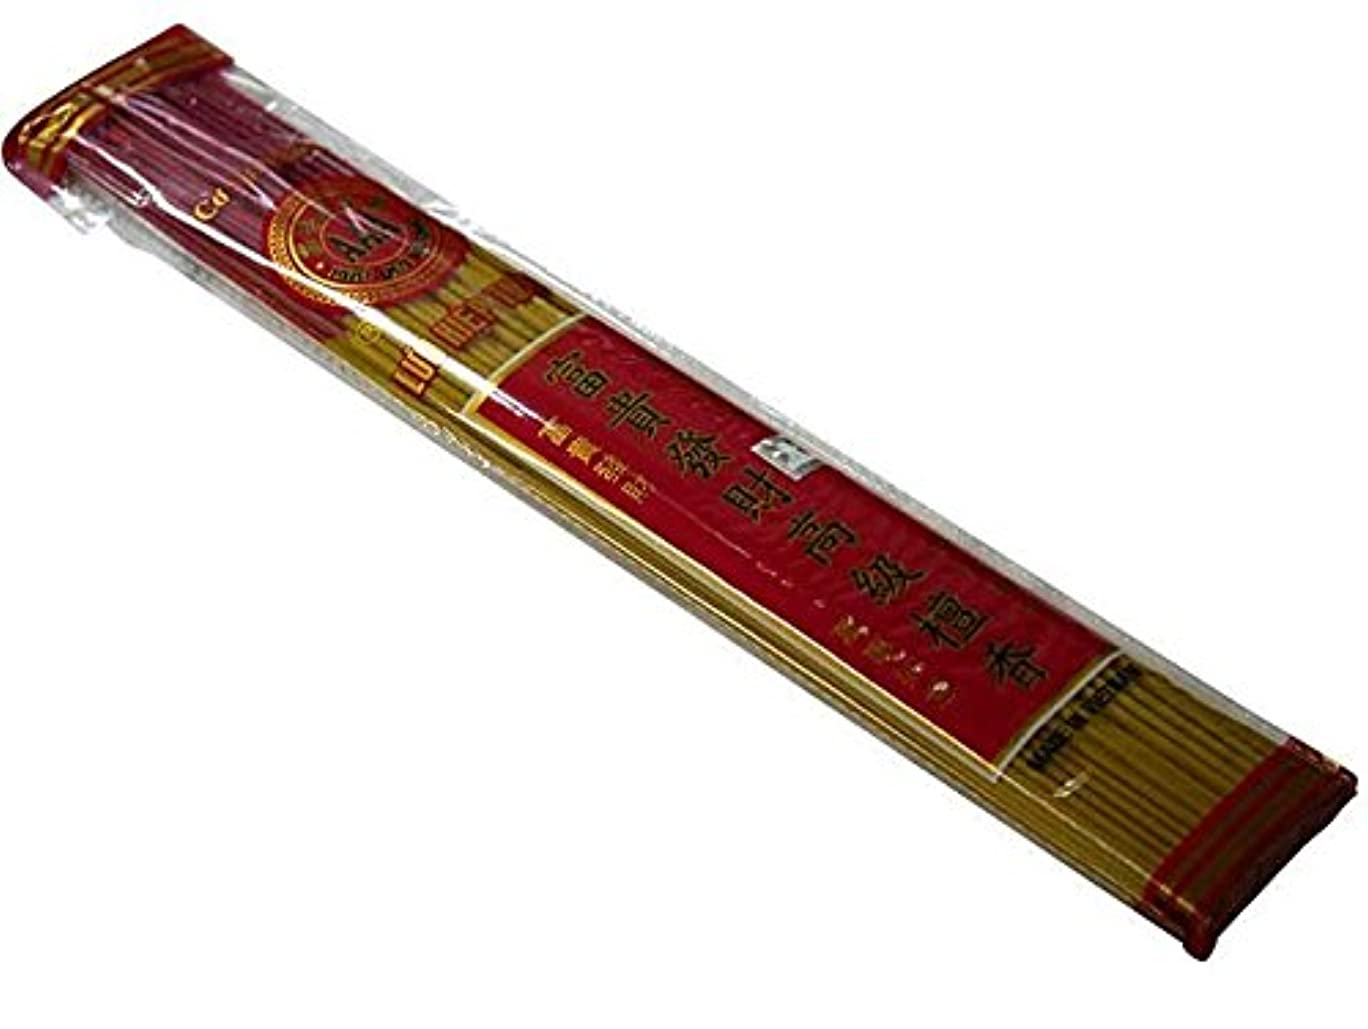 謎排泄するしっとりVietnam Incense ベトナムのお香【富貴発財高級檀香】劉合成香荘 ハンドメイド